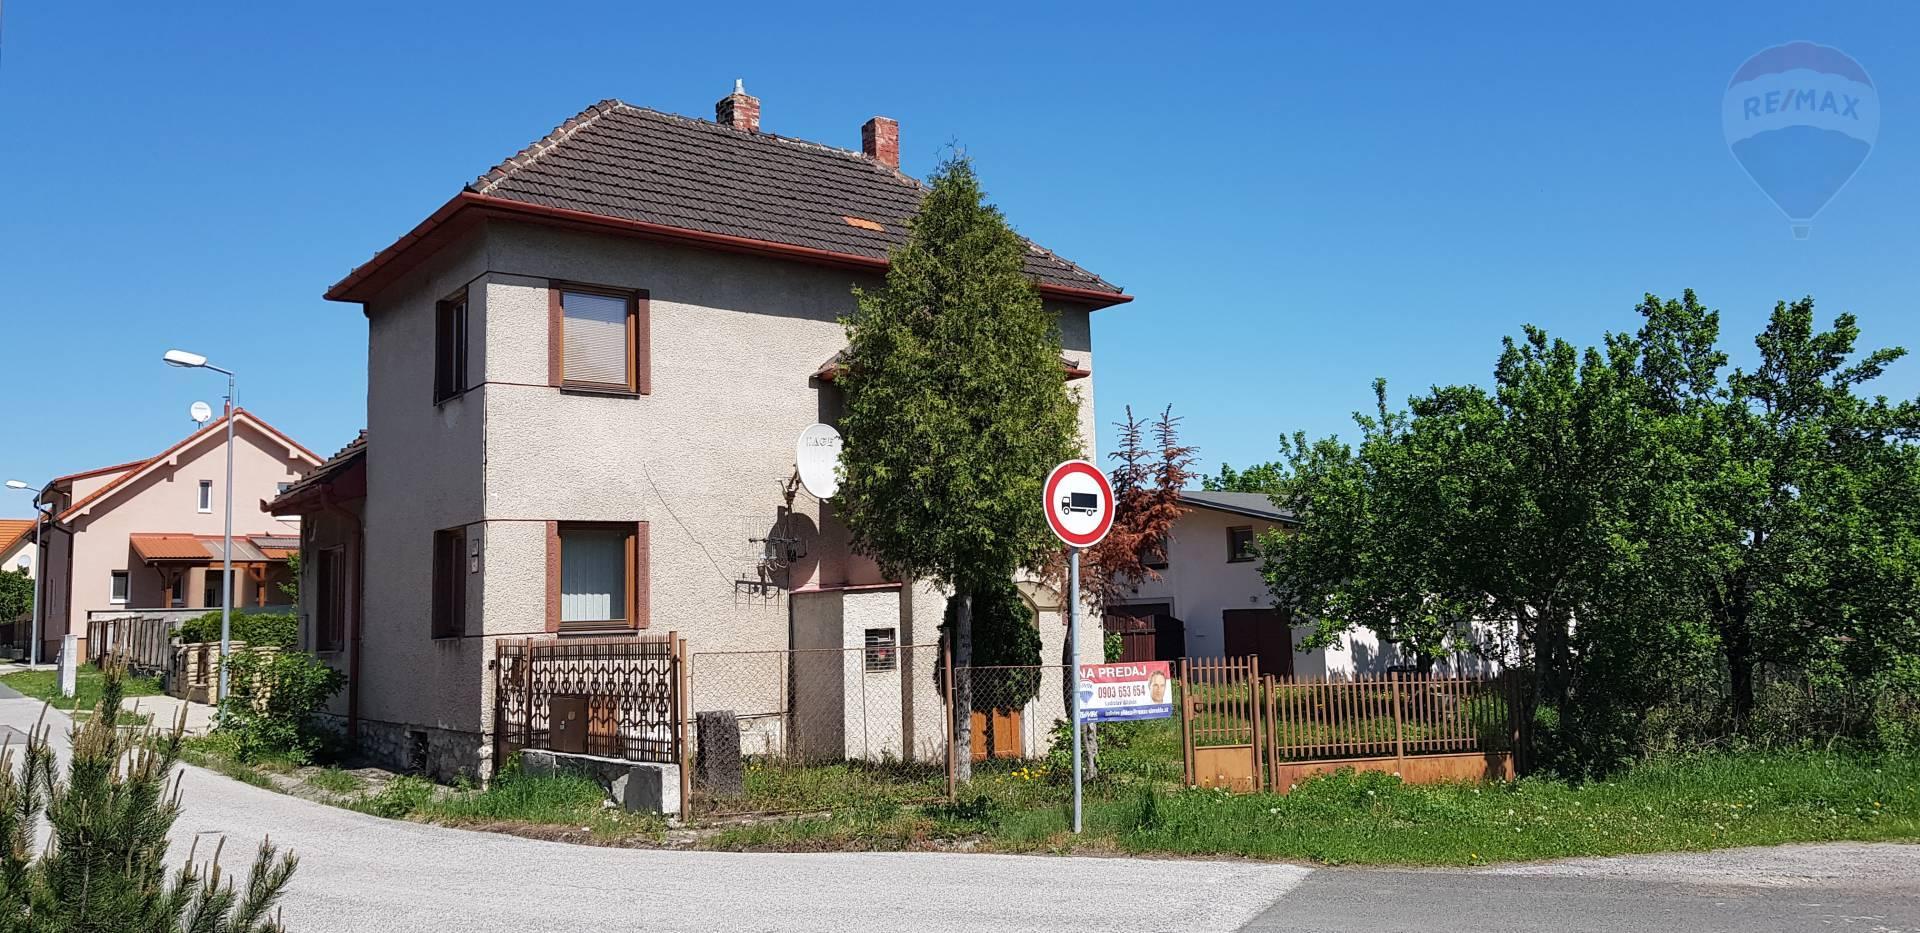 Predaj domu 150 m2, Poprad - PREDAJ rodinný dom, Poprad- Veľká, RD, garáž, záhrada, pozemok